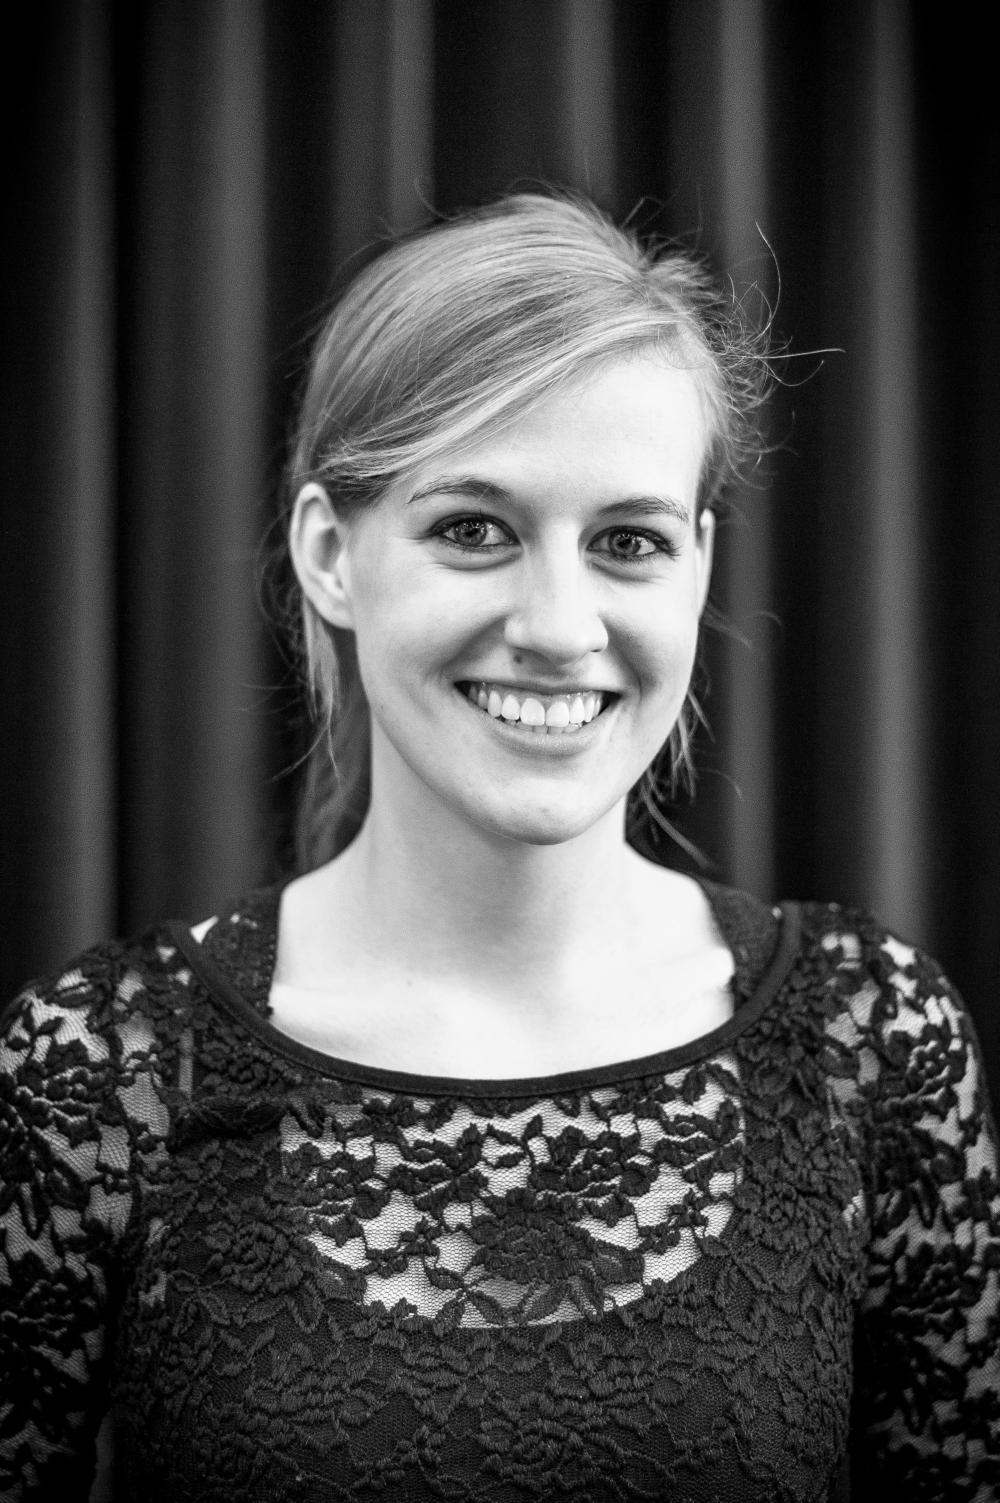 Lisa Ochsendorf